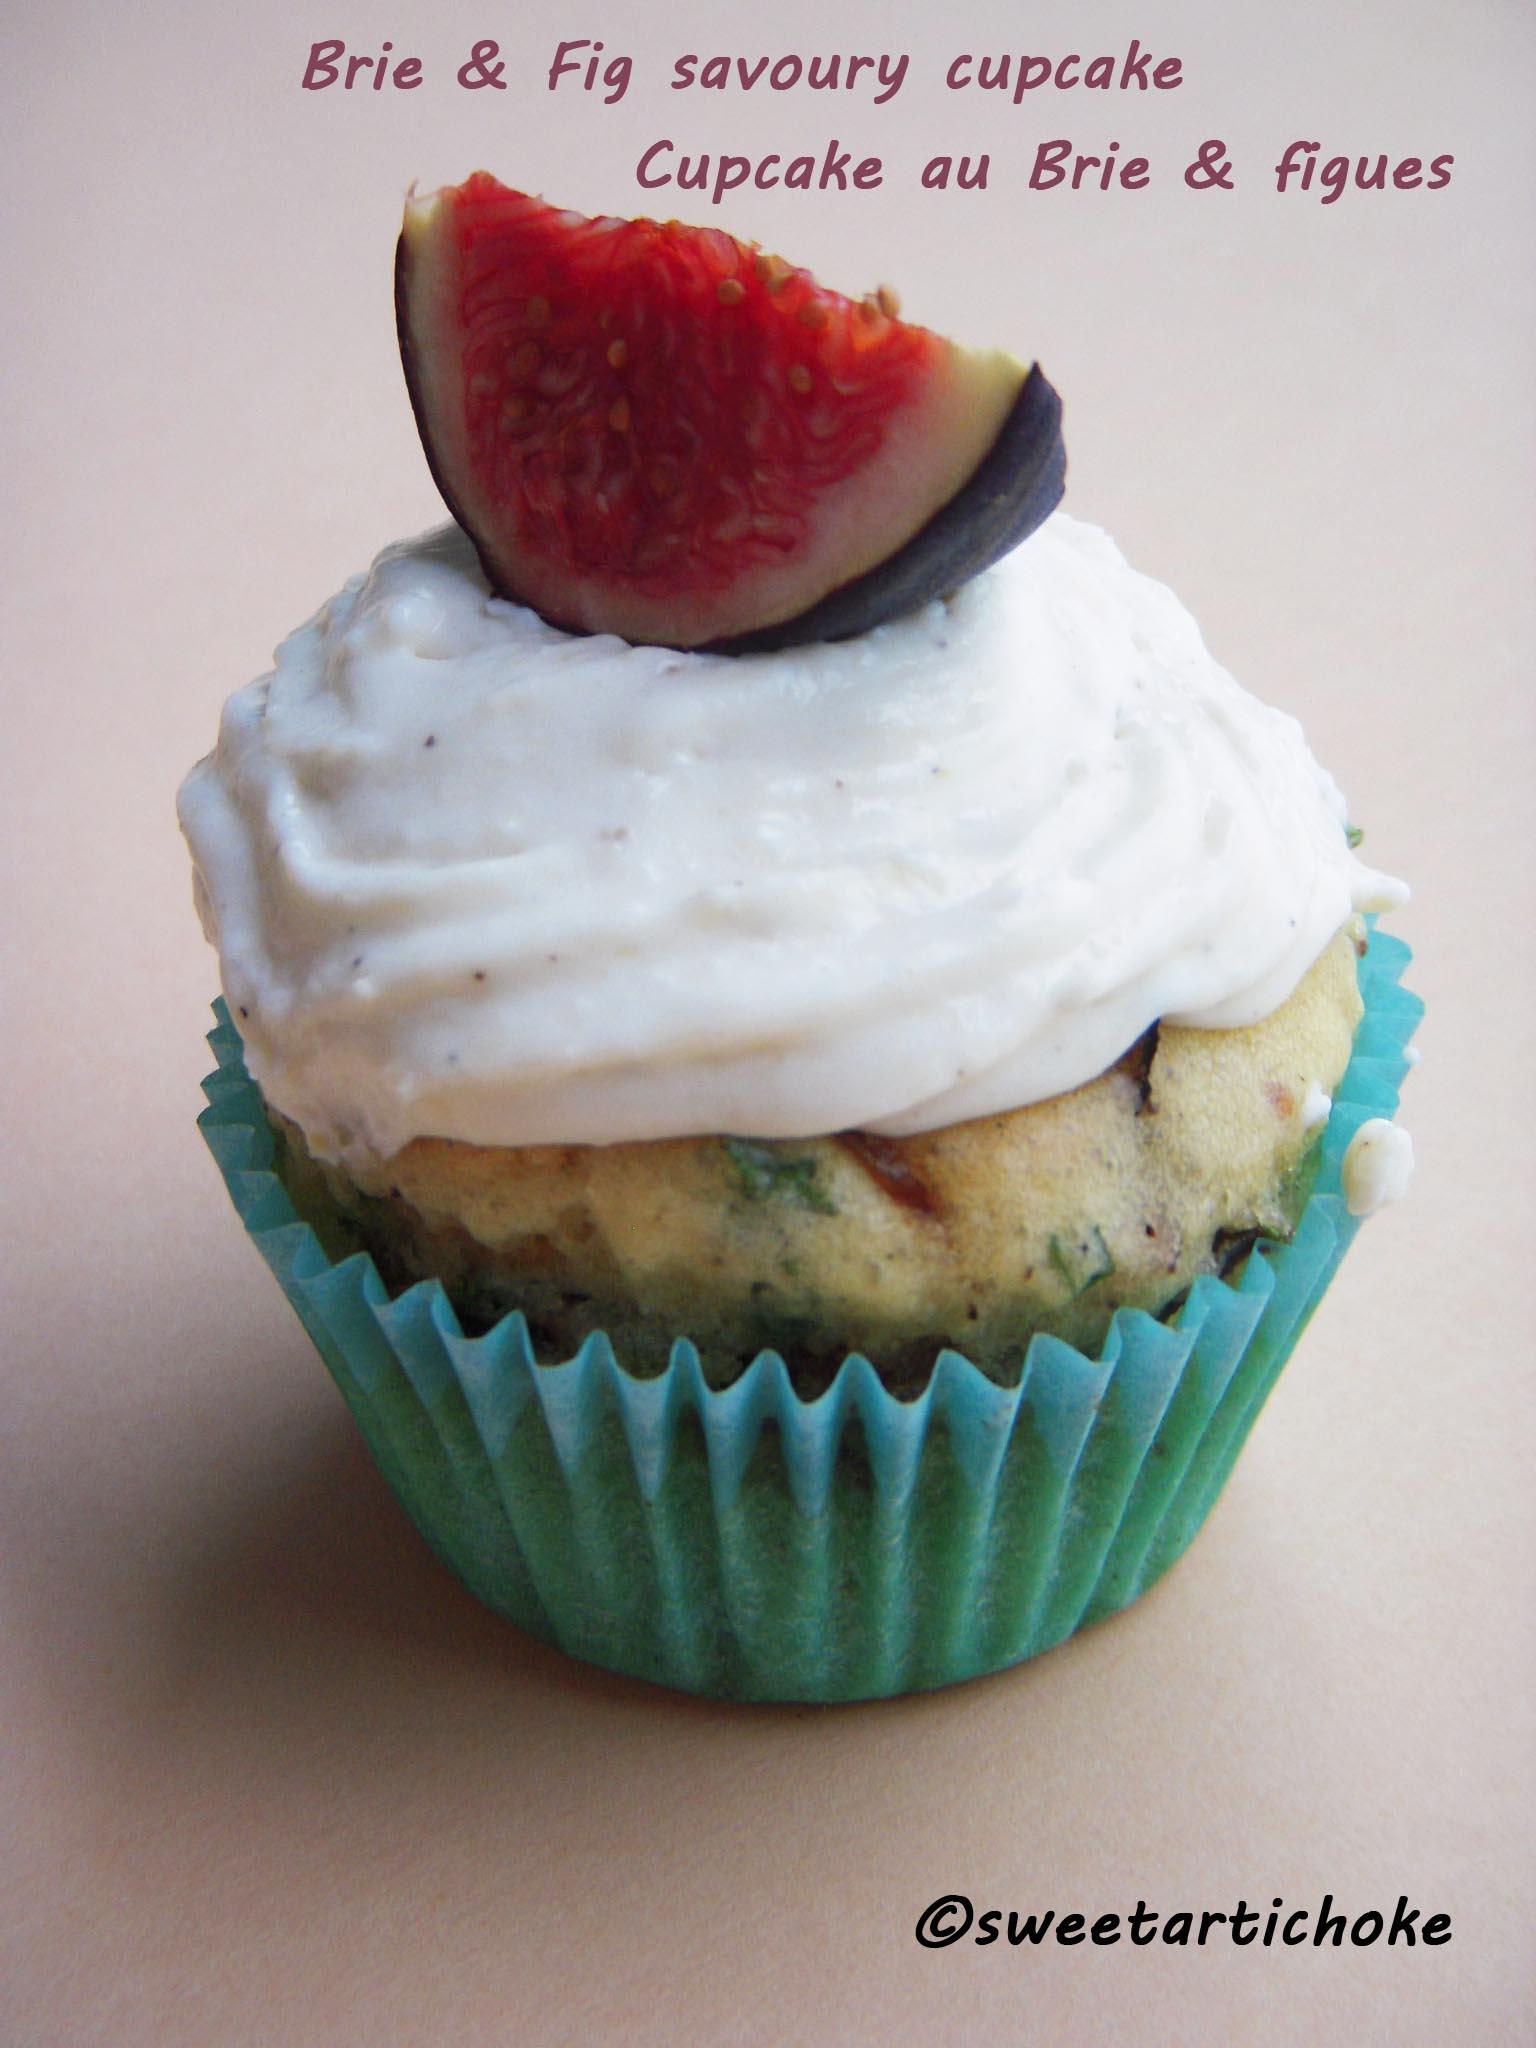 fig-brie-cupcake1.jpg